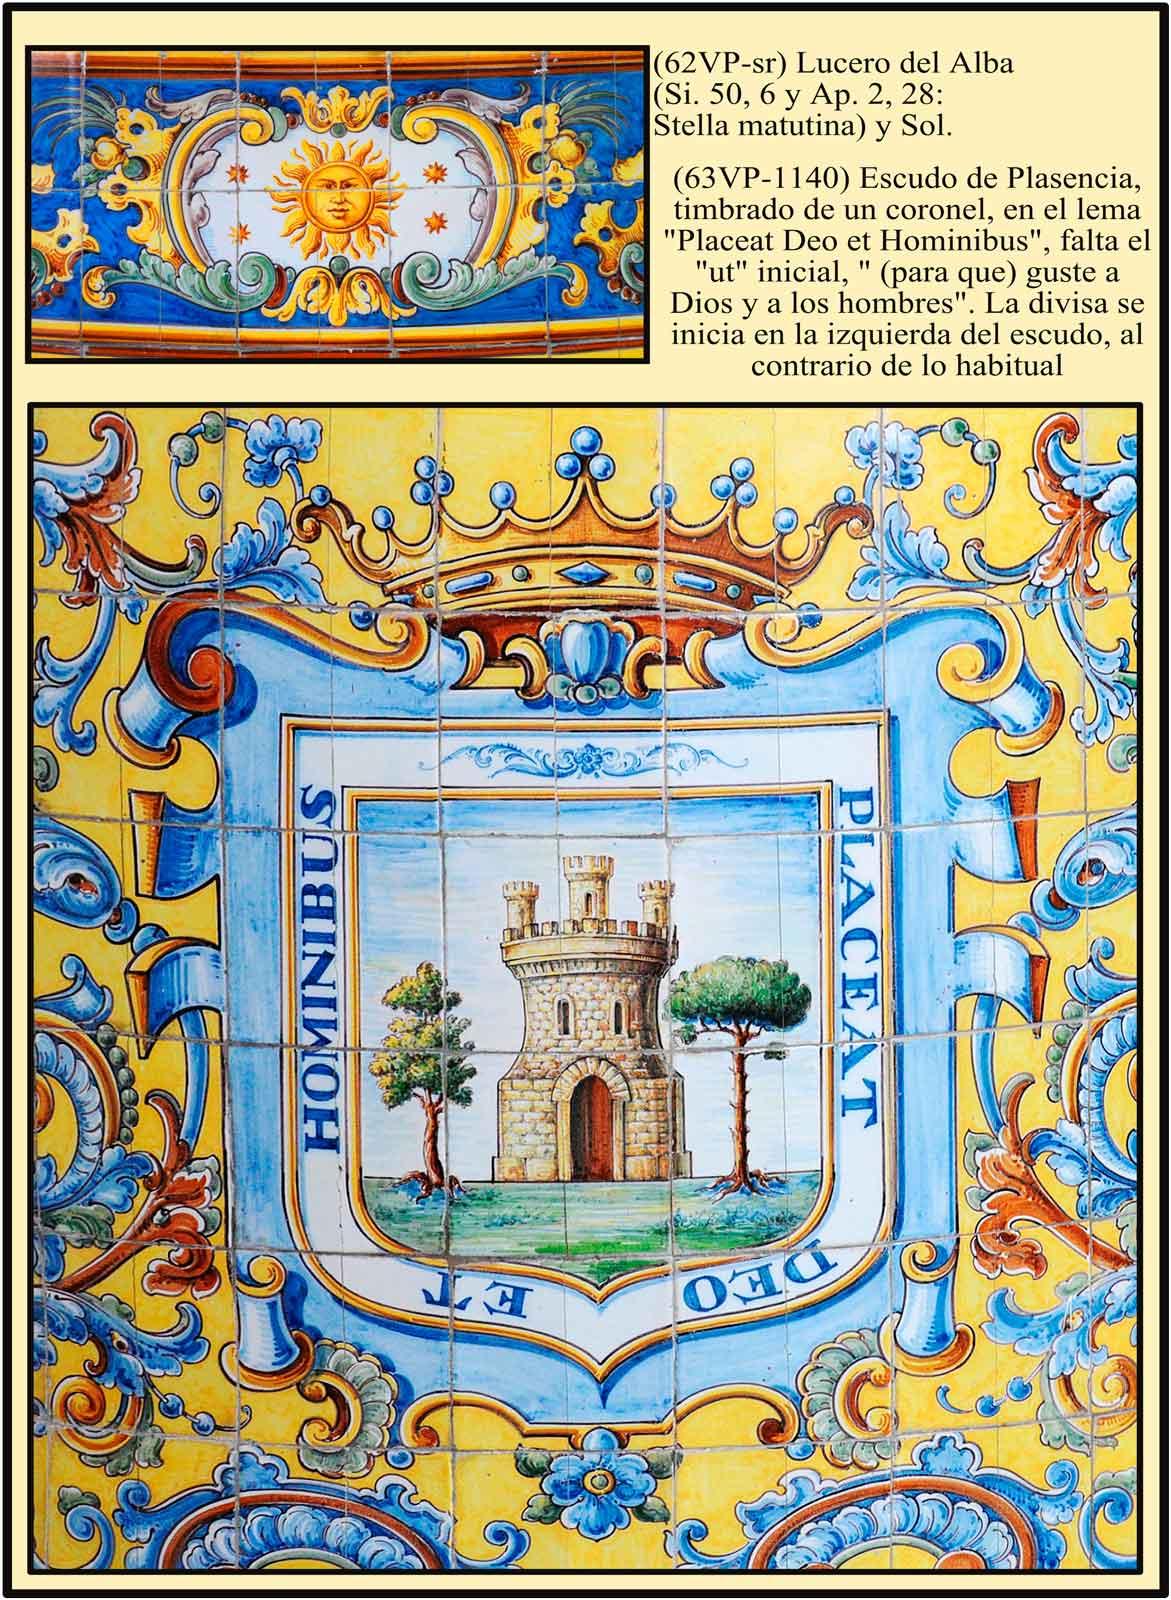 Heraldica en el zocalo del santuario del Puerto. Escudo de Plasencia